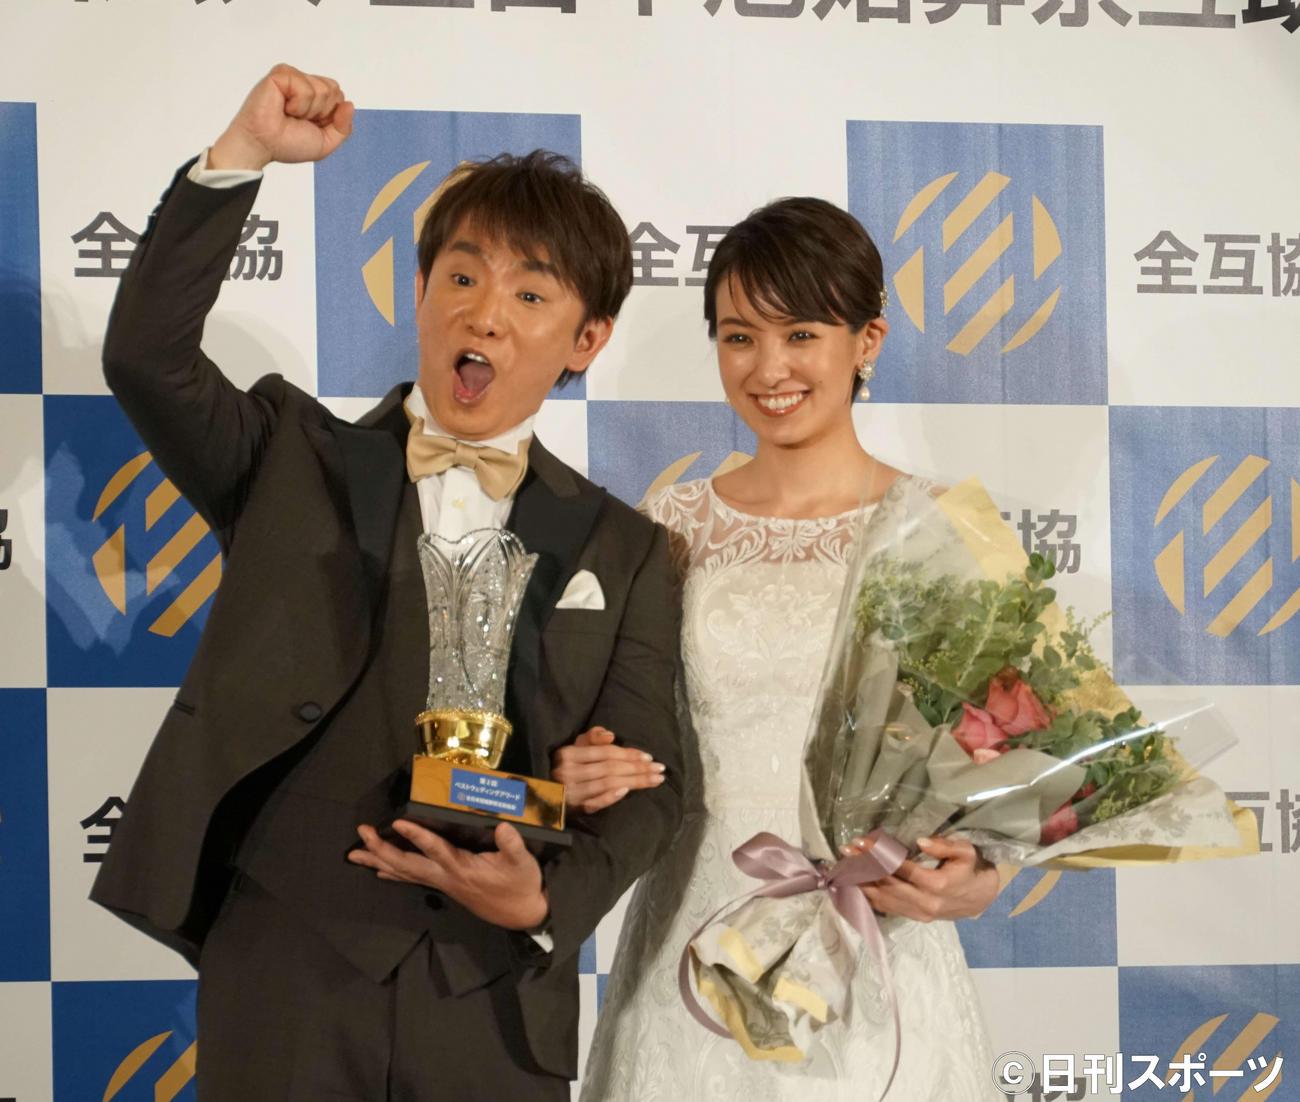 濱口優、南明奈夫妻が第1子妊娠を報告「エコー写真でお尻をフリフリ」